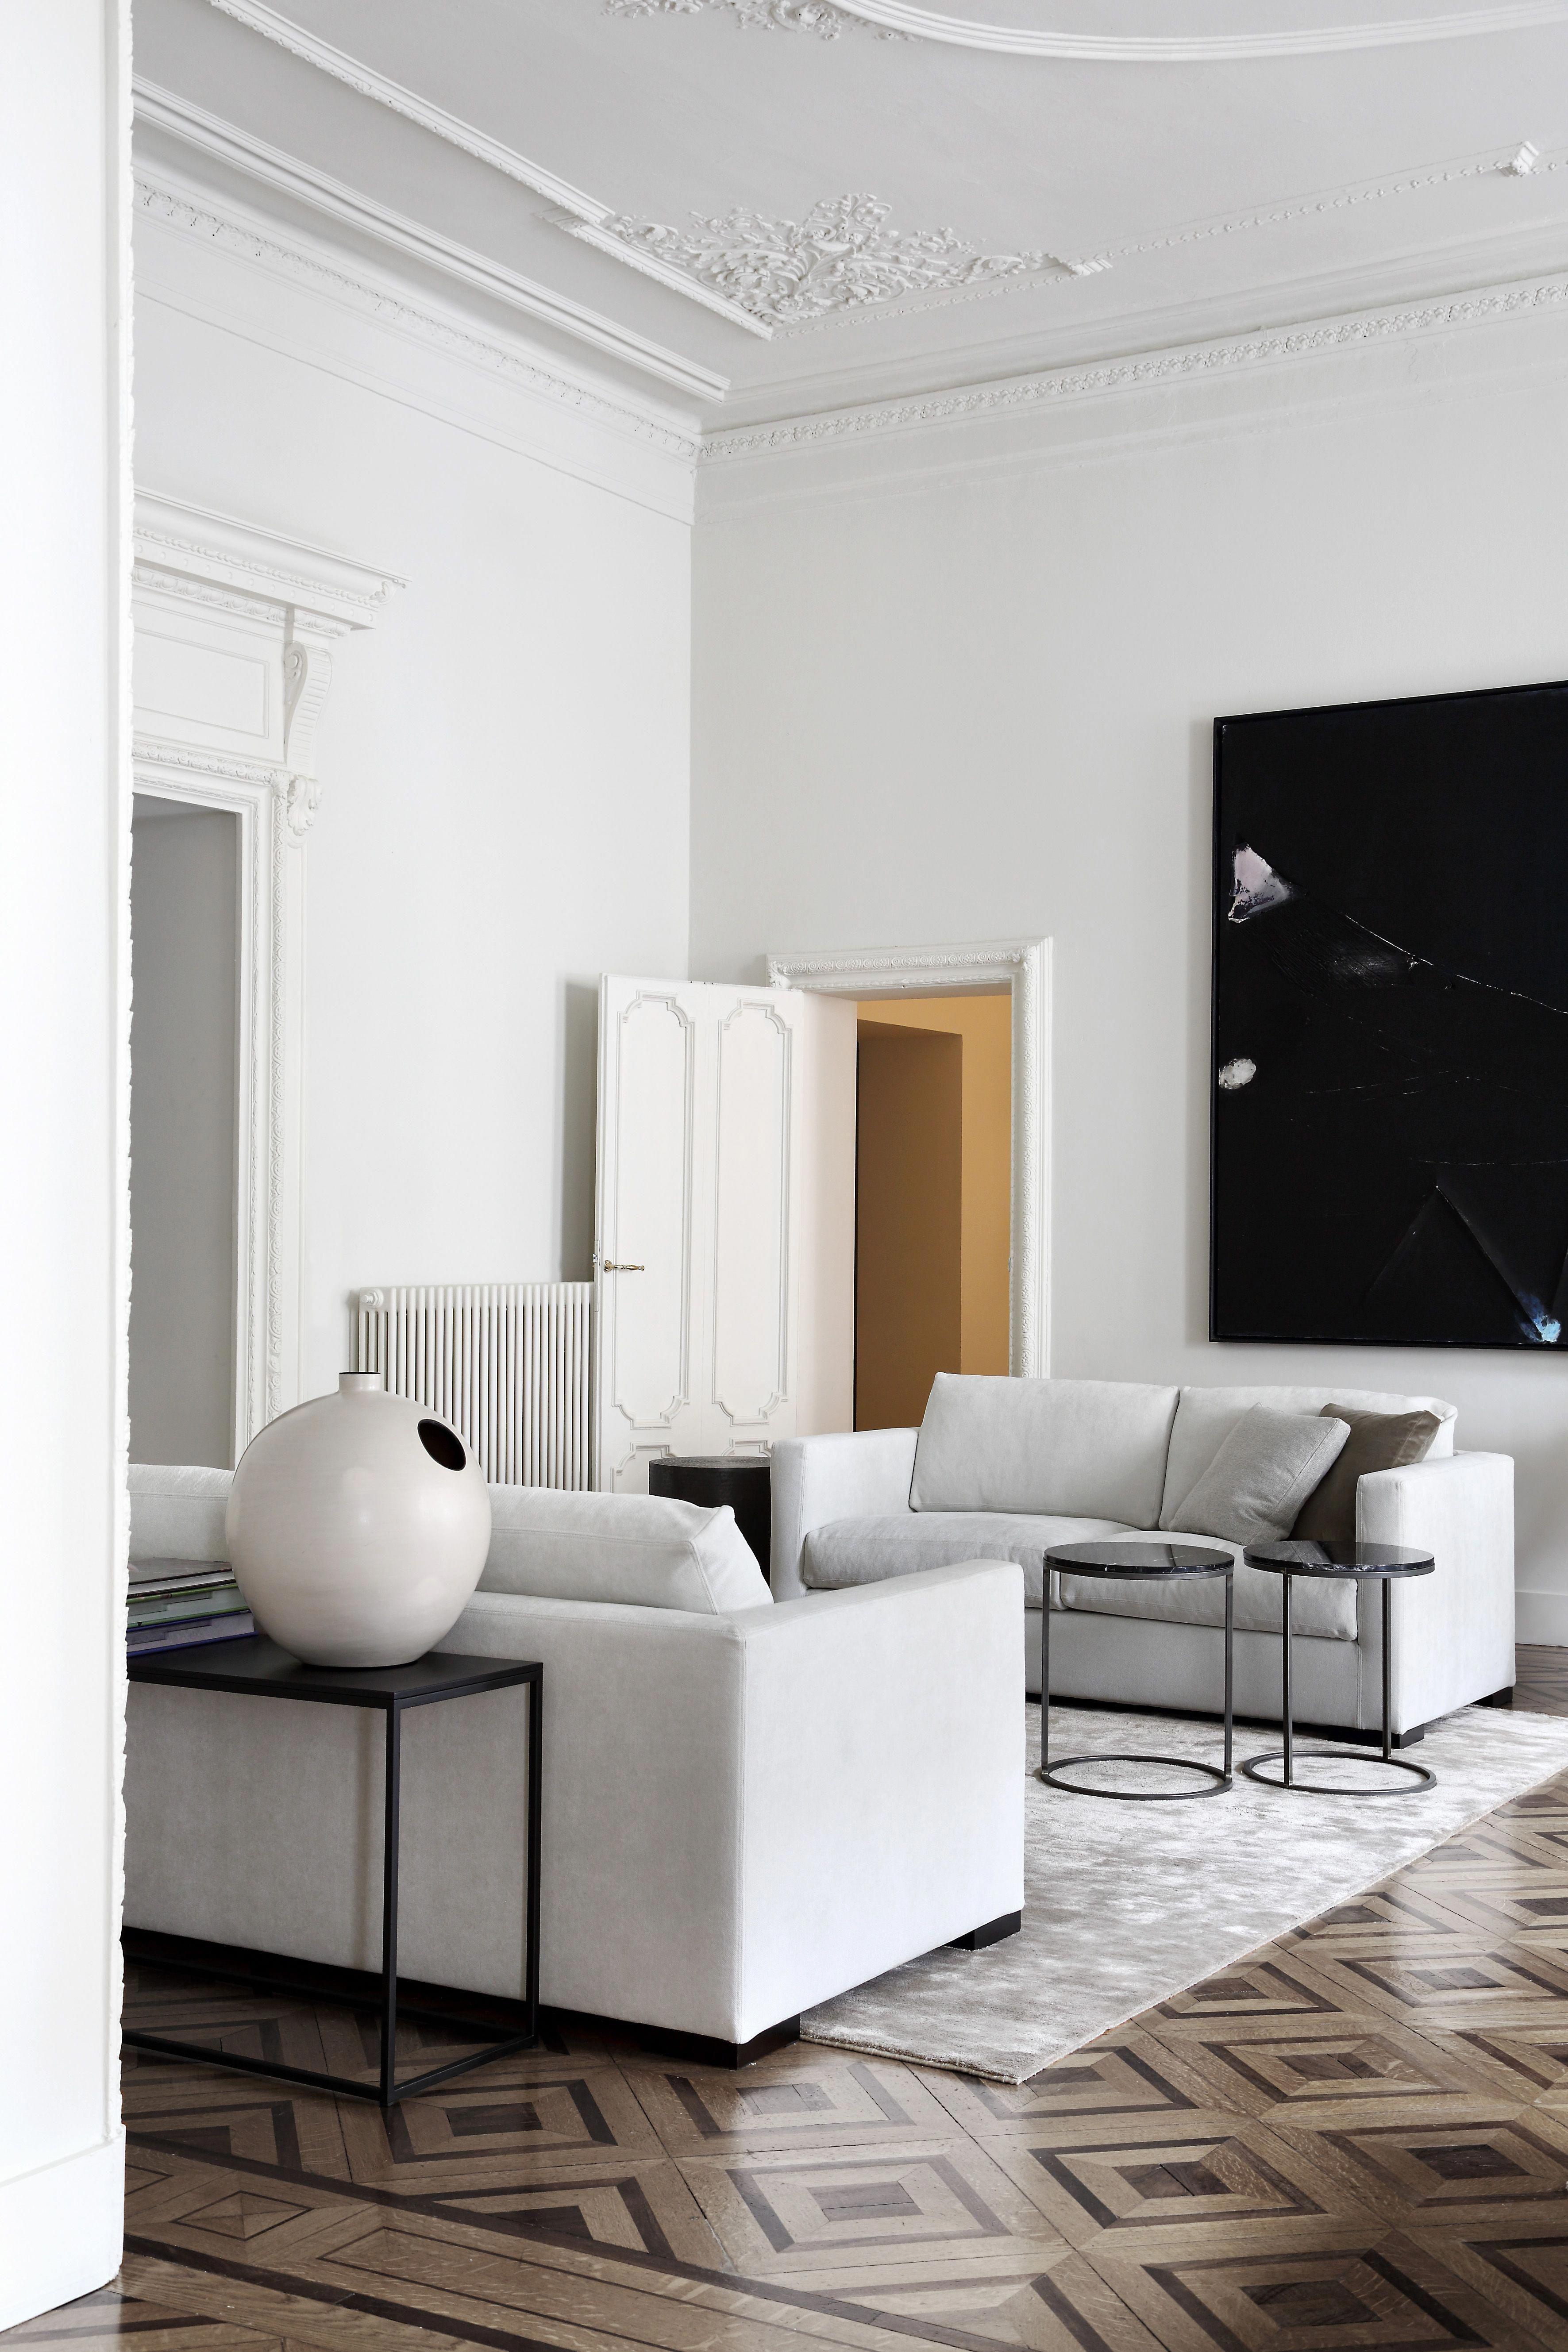 Best Interior Design Schools Interiordesignwhite Minimalist Living Room Interior Design Room Design